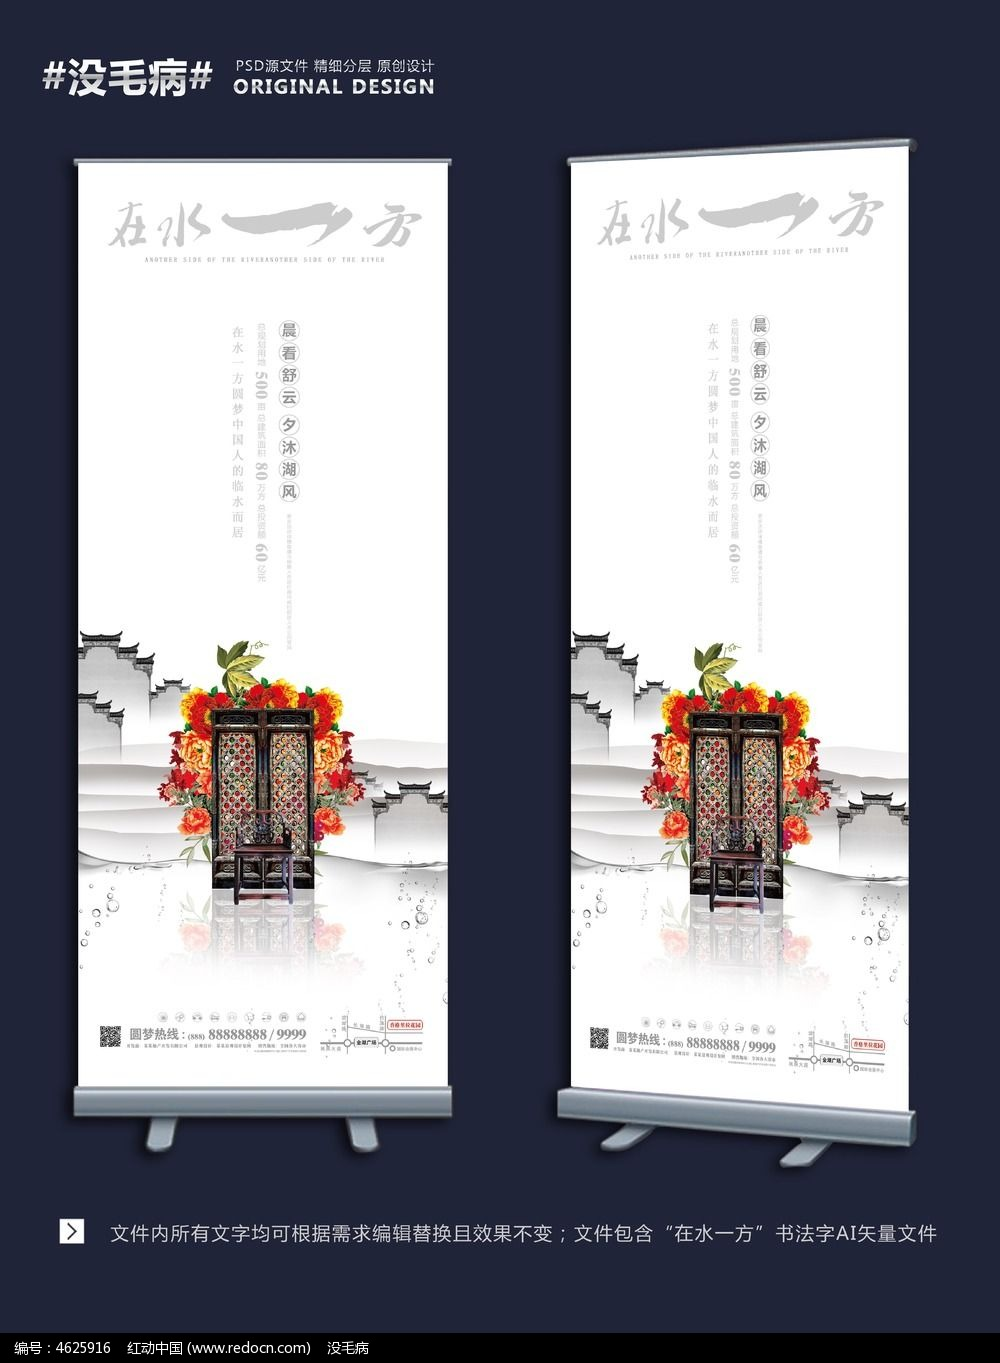 原创设计稿 海报设计/宣传单/广告牌 x展架|易拉宝背景 中国风意境房图片